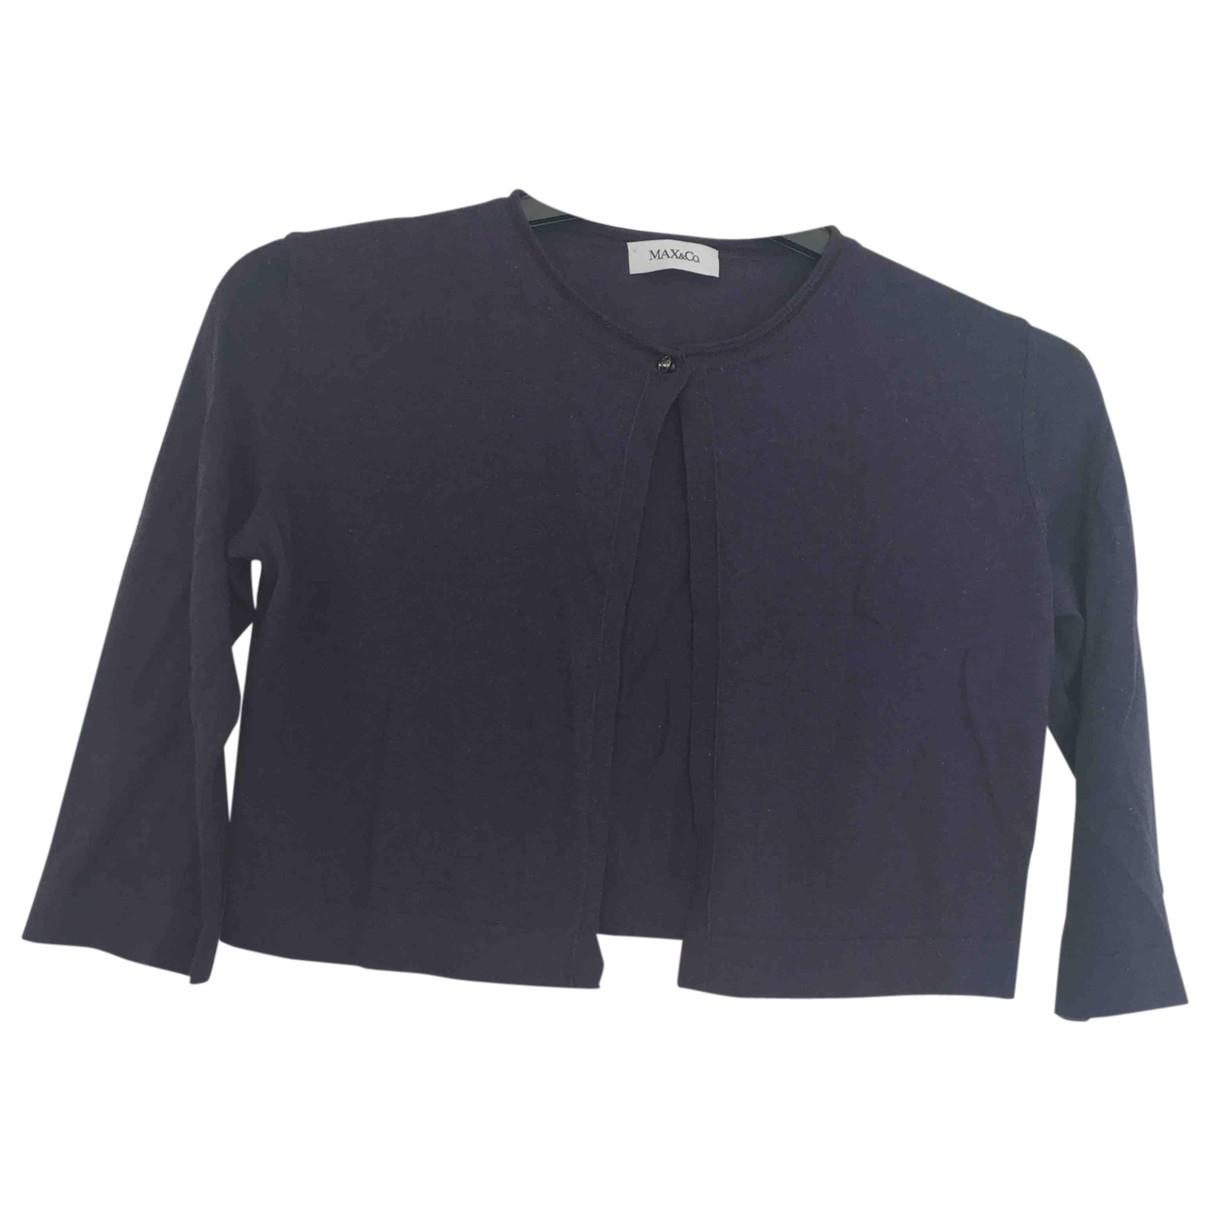 Max & Co \N Pullover in  Blau Baumwolle